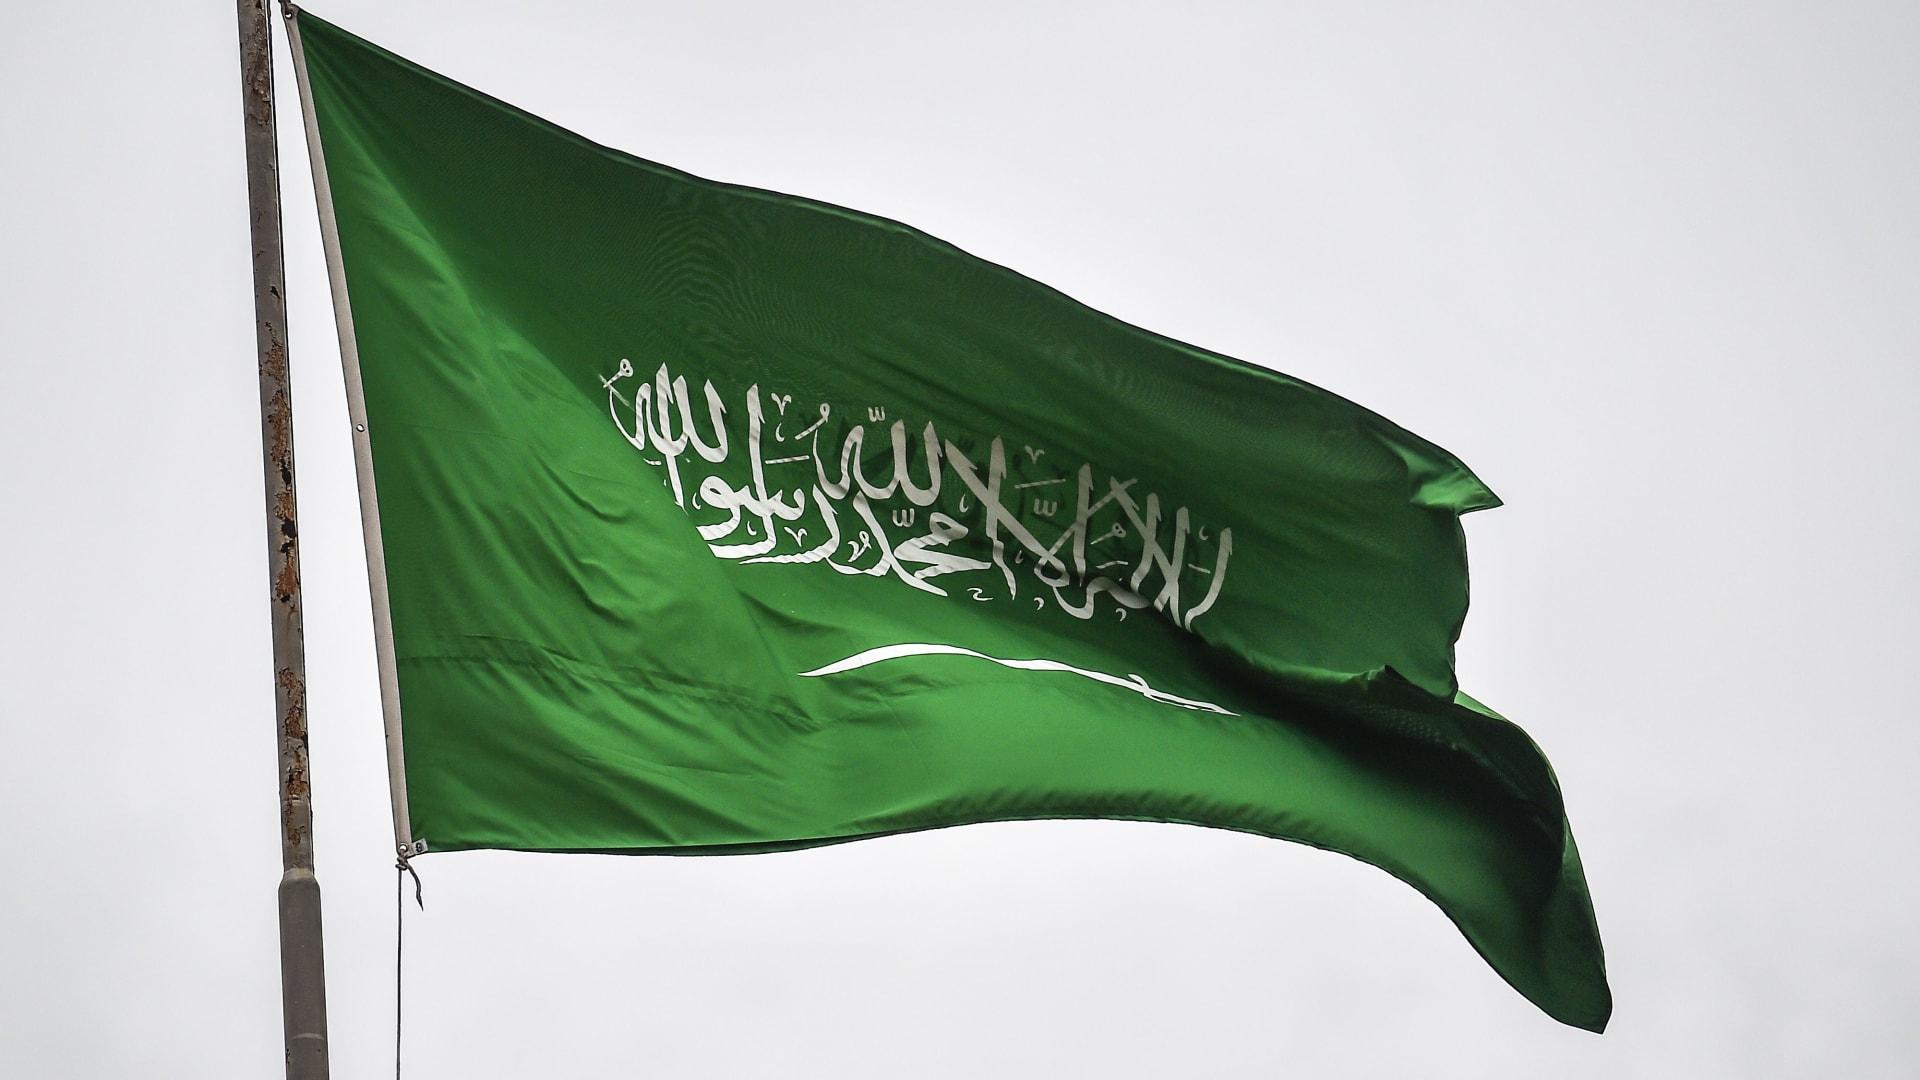 السعودية تغلق القطيف أمام حركة الدخول والخروج.. فكم إصابة بفيروس كورونا سجلت المحافظة؟